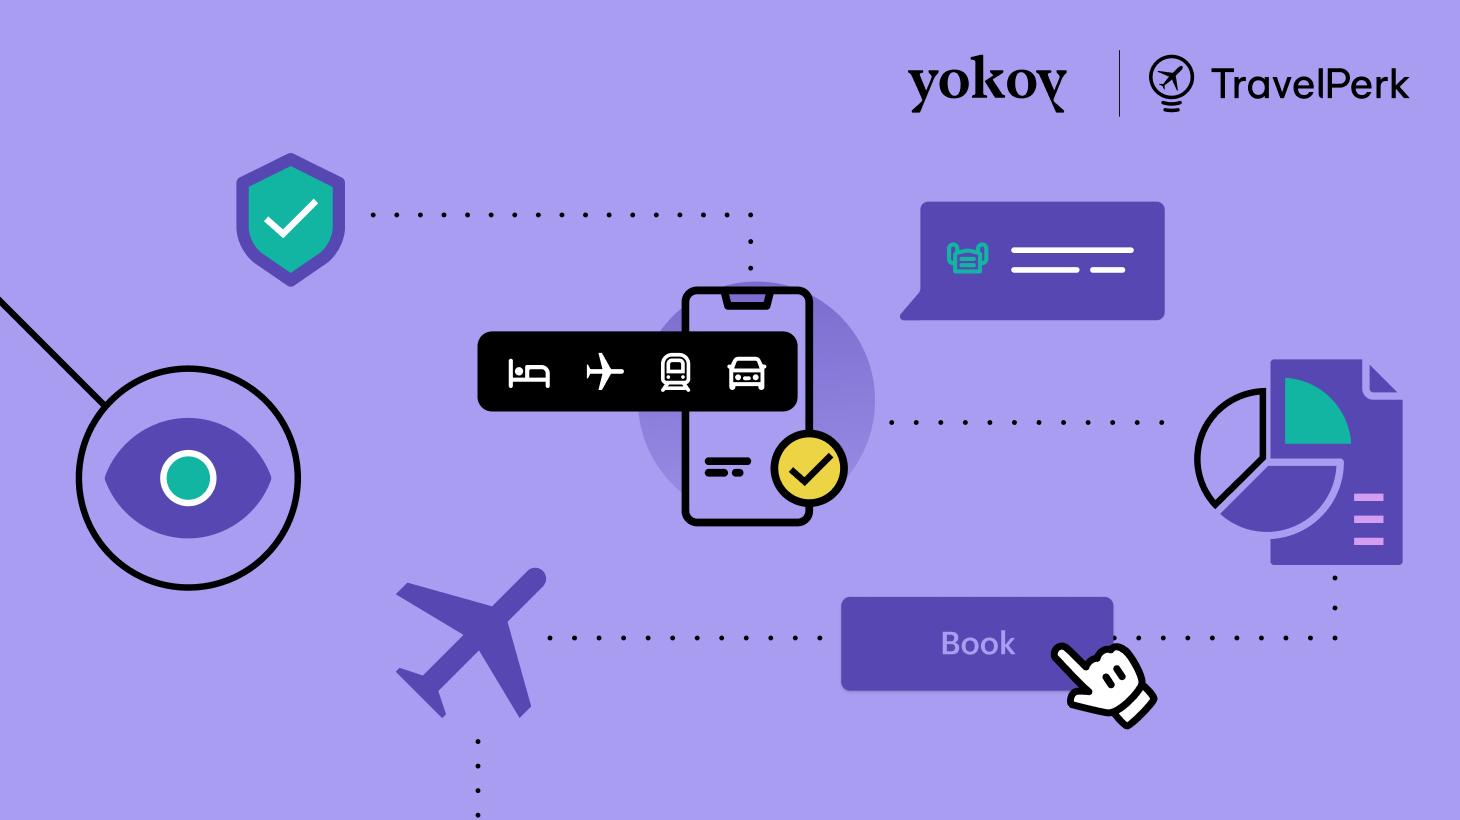 Zurück zu Geschäftsreisen mit TravelPerk und Yokoy